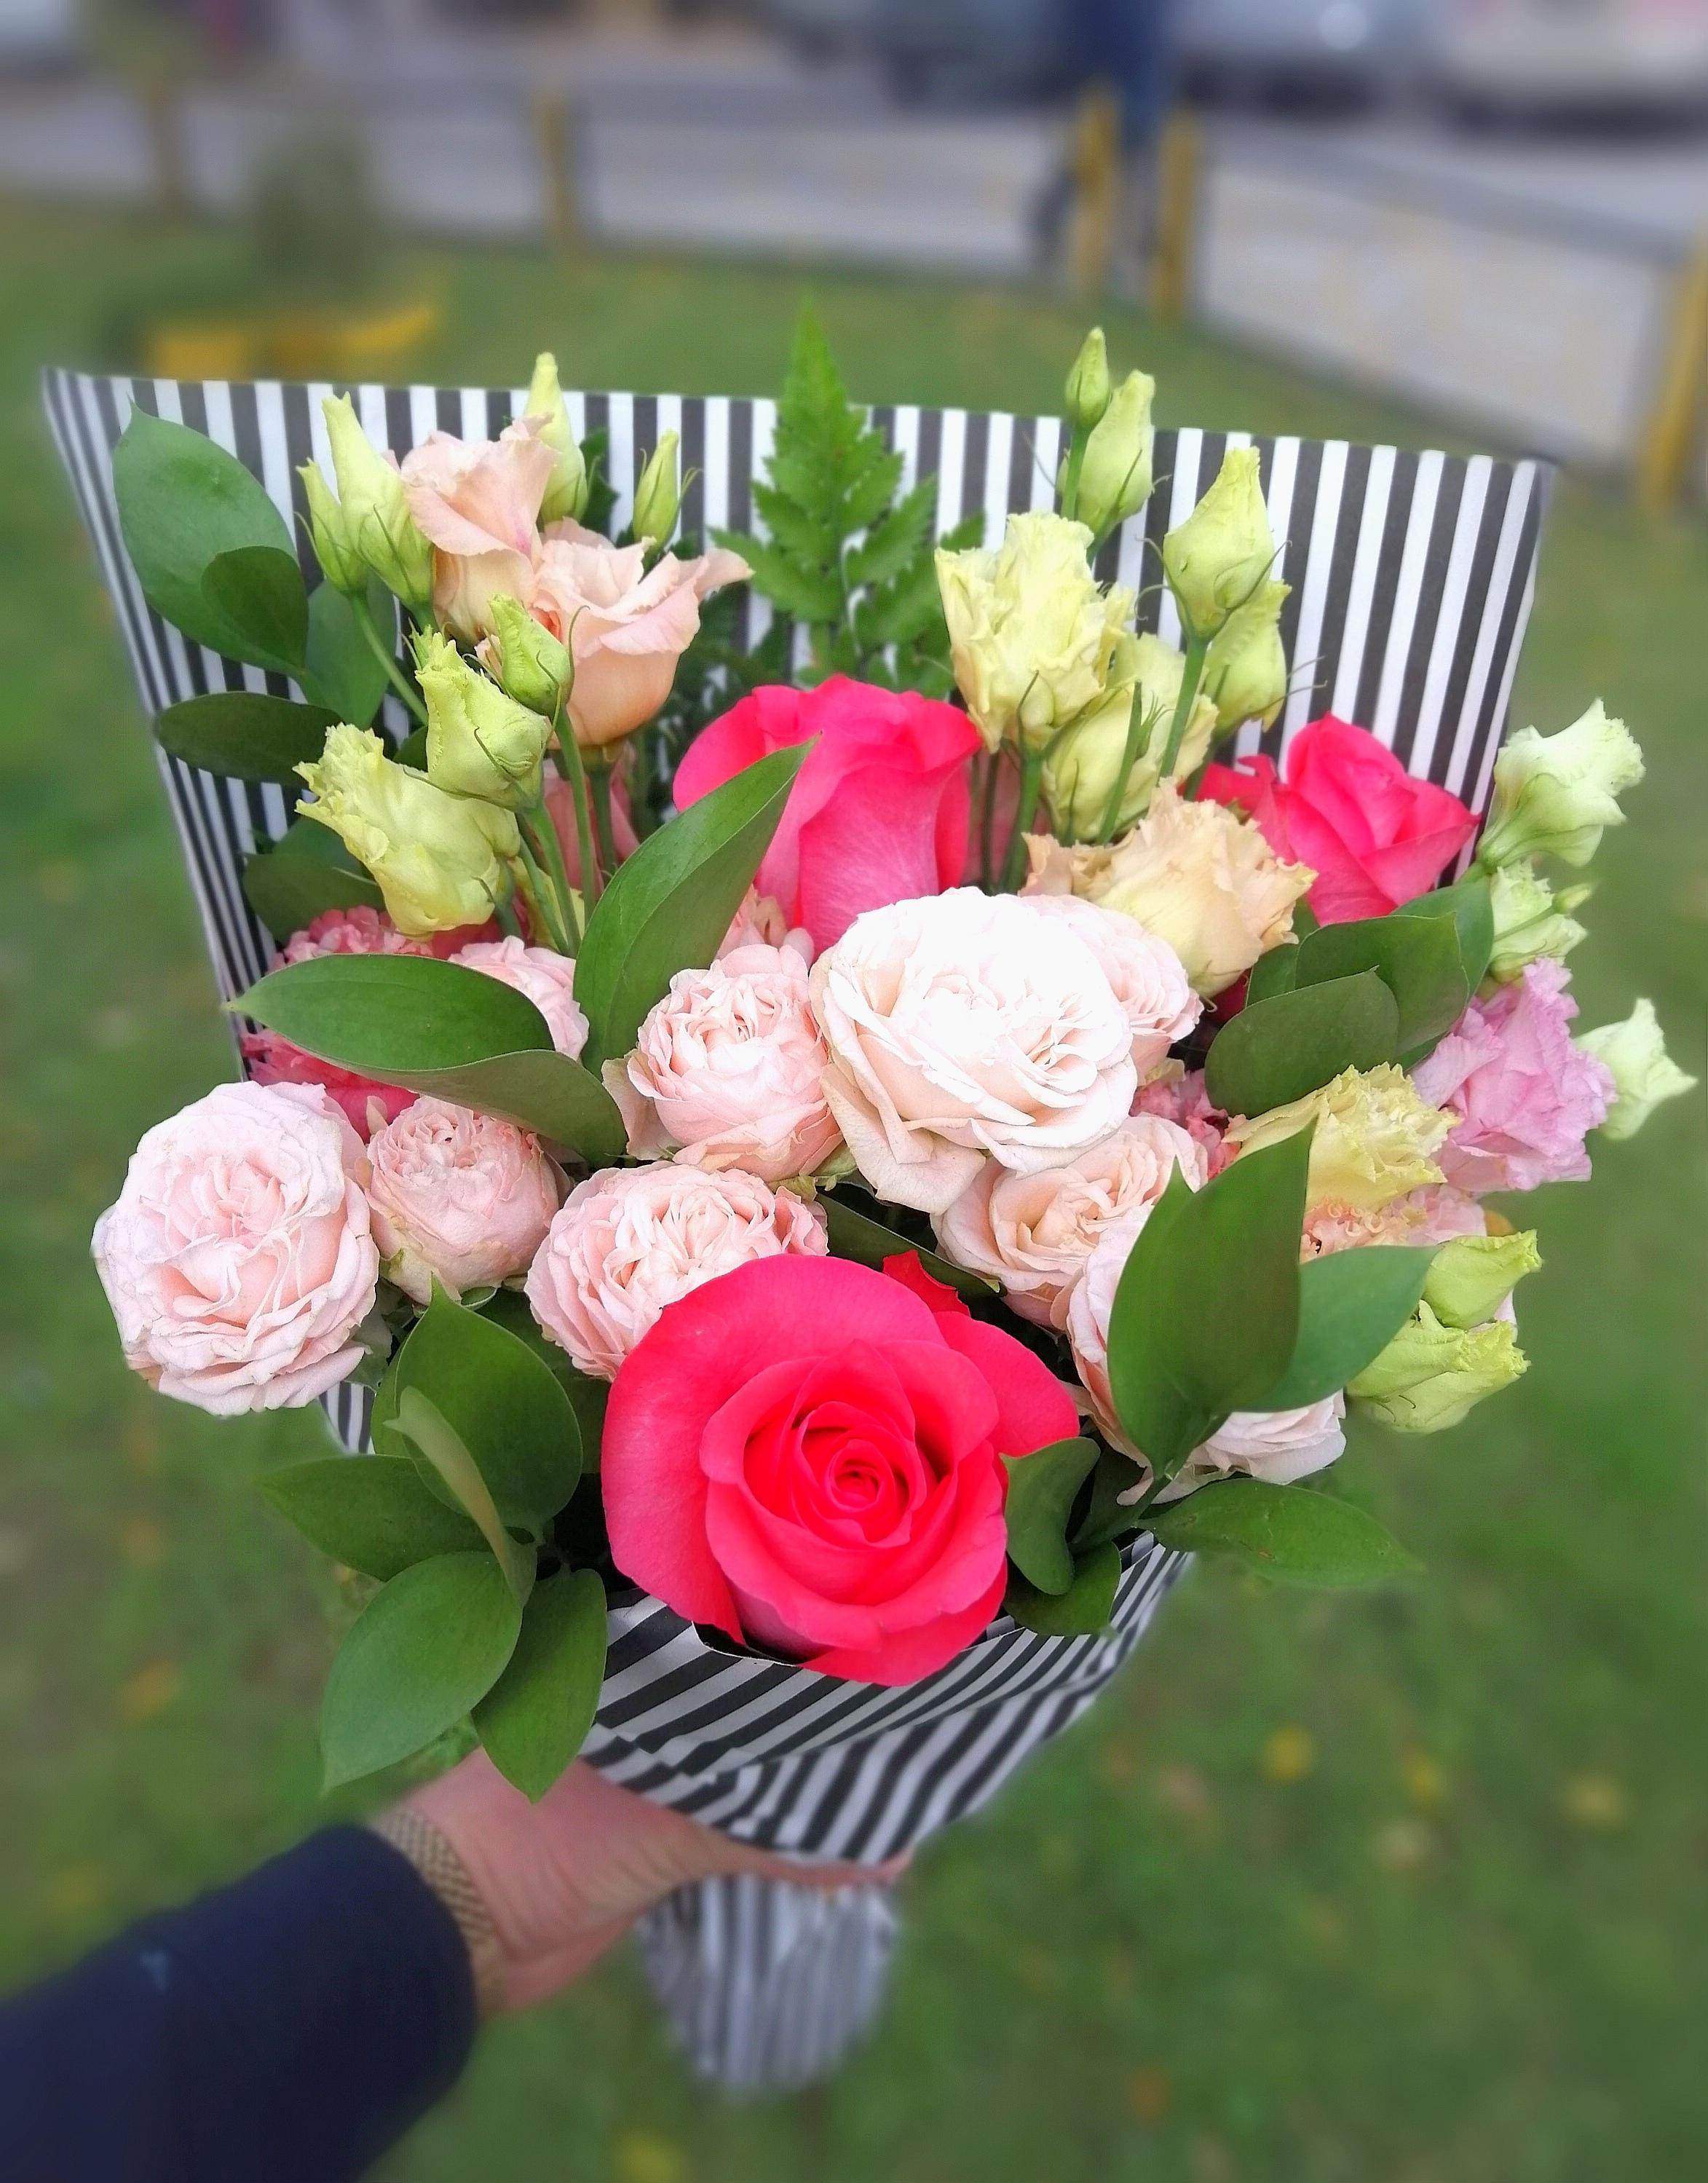 Букет, доставка цветов г днепродзержинск